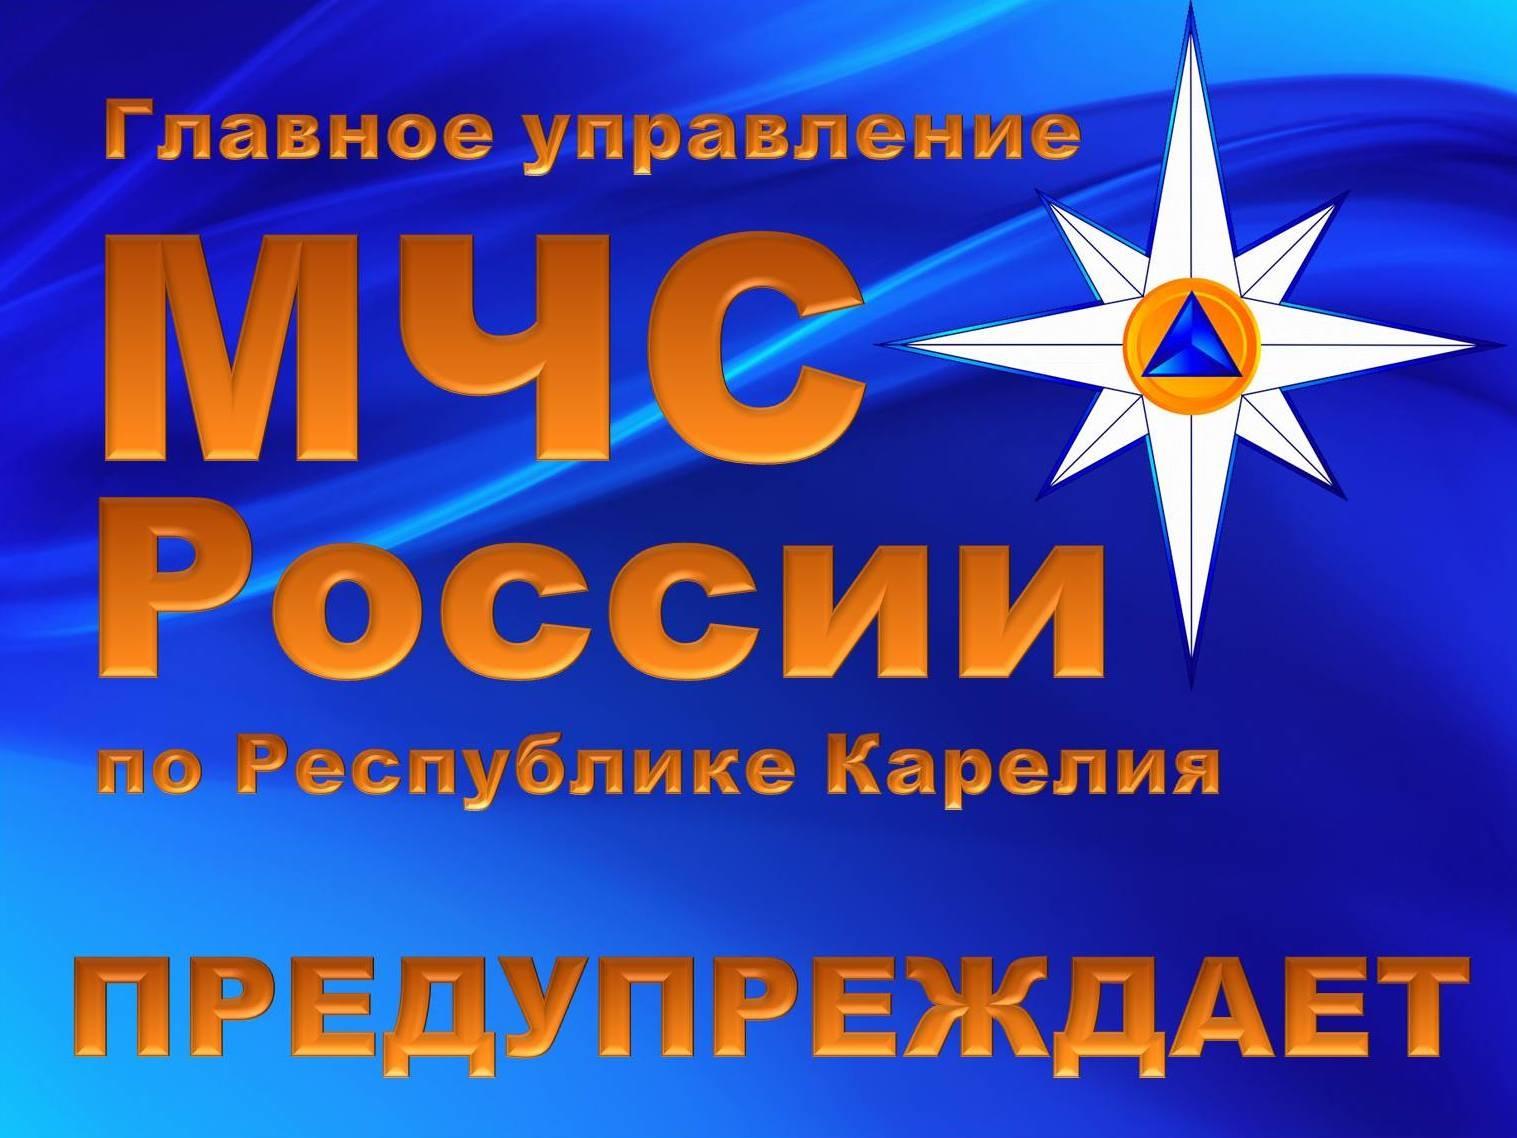 Неблагоприятное гидрометеорологическое явление на территории Республики Карелия на 22 января 2021 года.